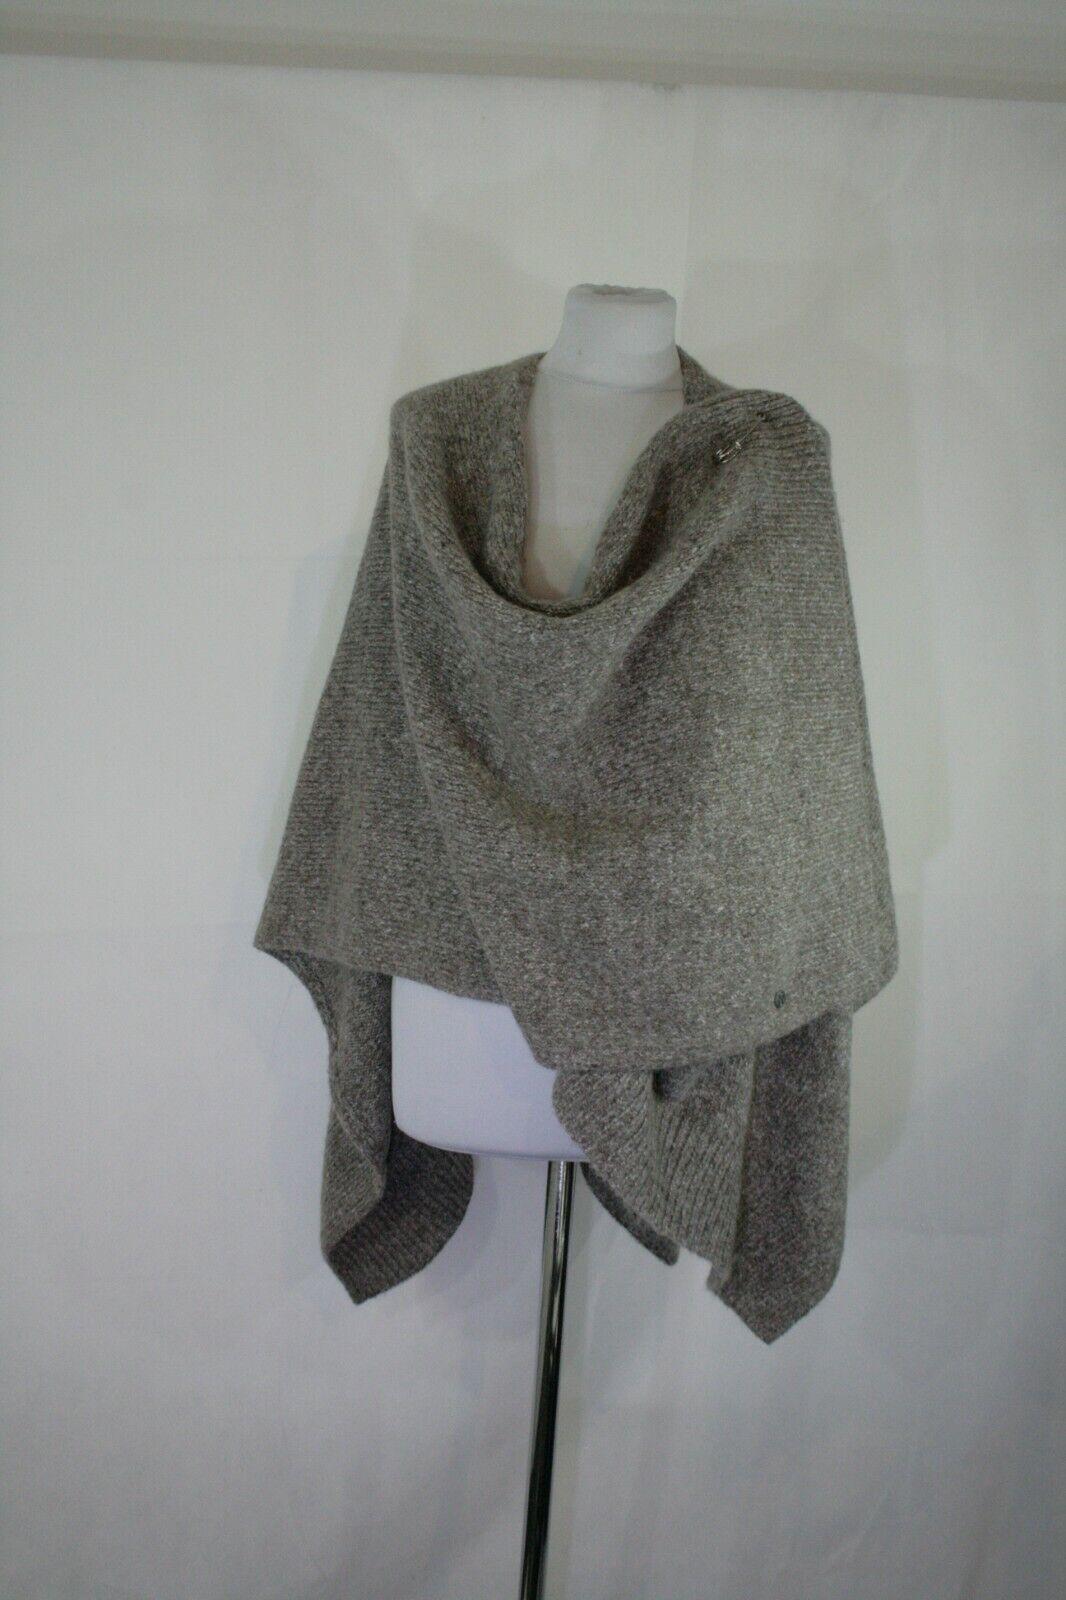 Toller grau braun melierter Poncho von Knit Ted, Ted, Ted, 47 47 Bitte messen | Üppiges Design  | Verwendet in der Haltbarkeit  39d17e